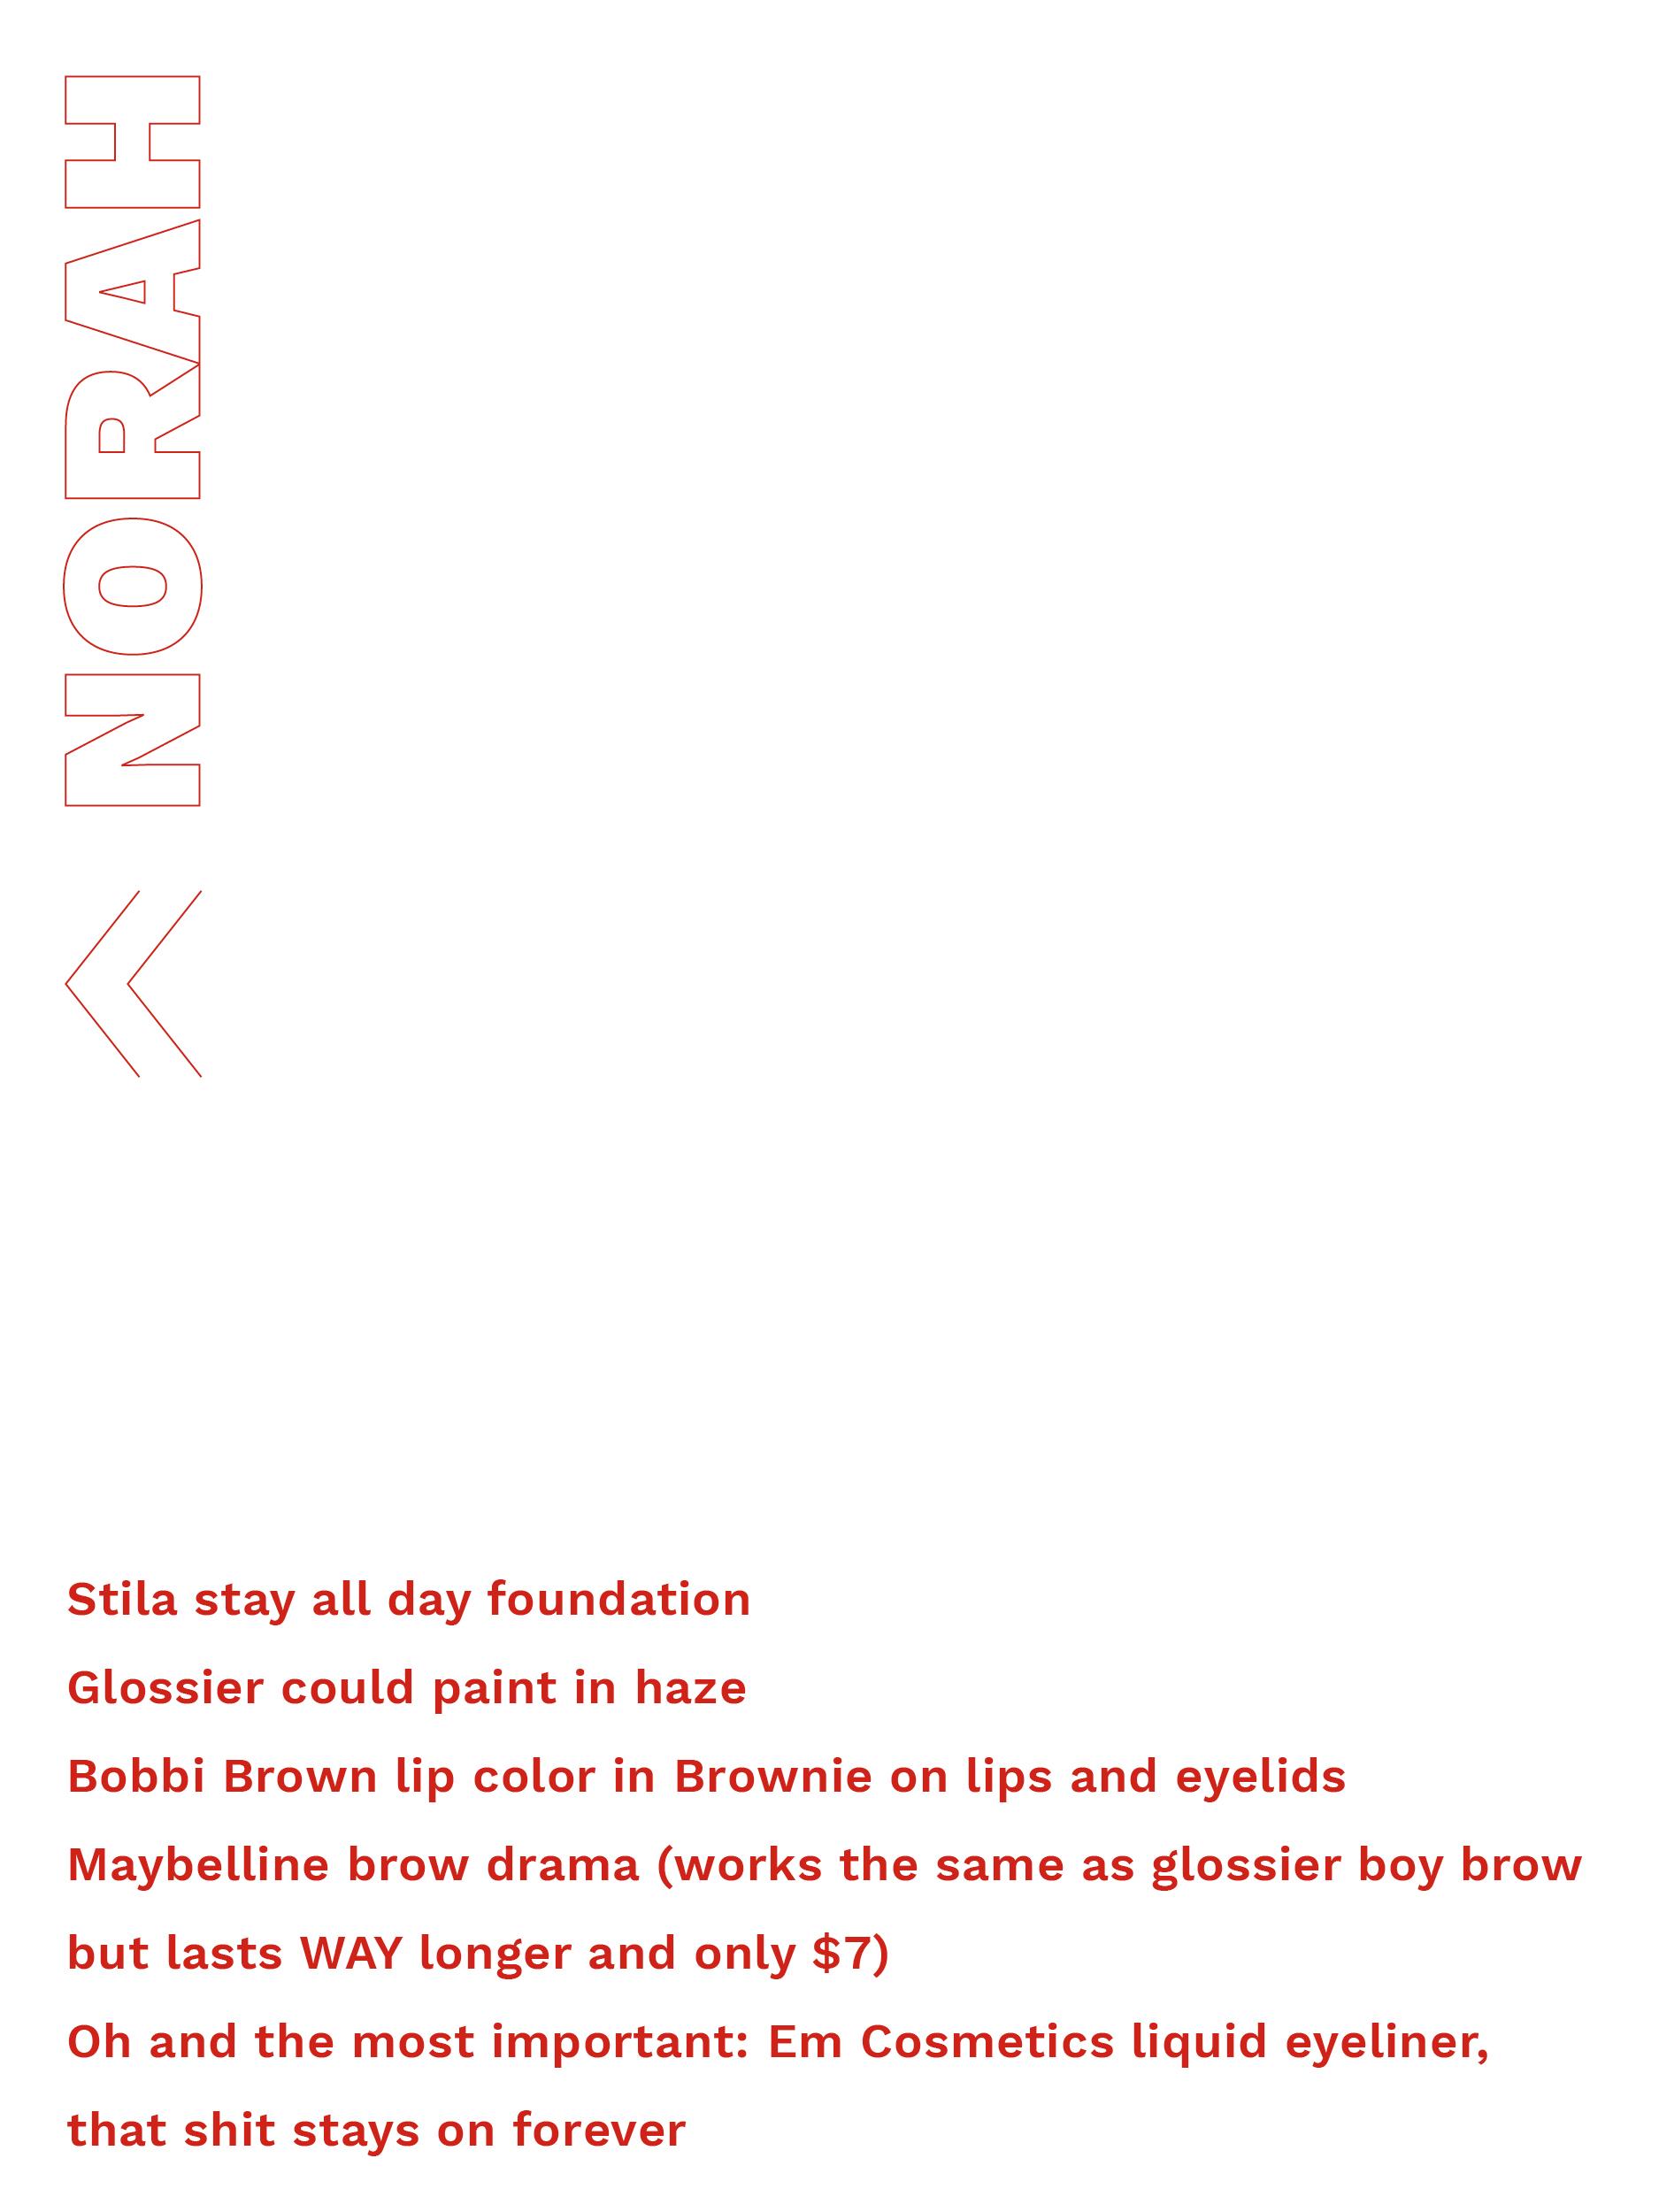 FriendsLooks-descriptionb2.jpg